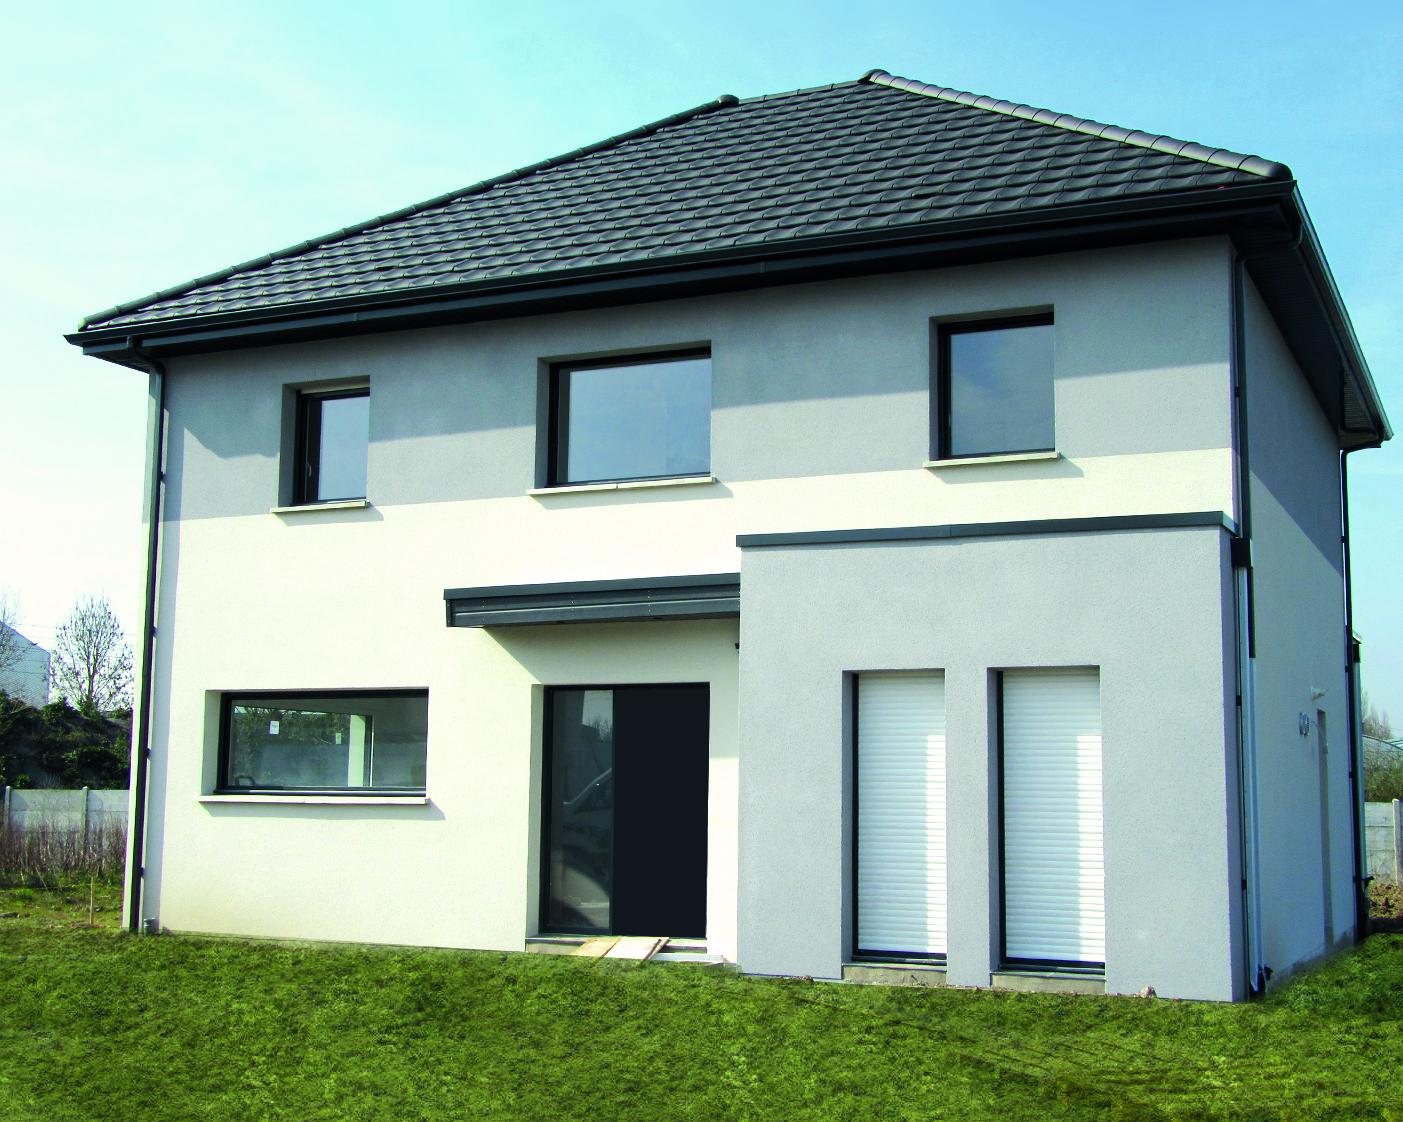 Portes ouvertes lesquin maisons d 39 en france nord for Paiement construction maison